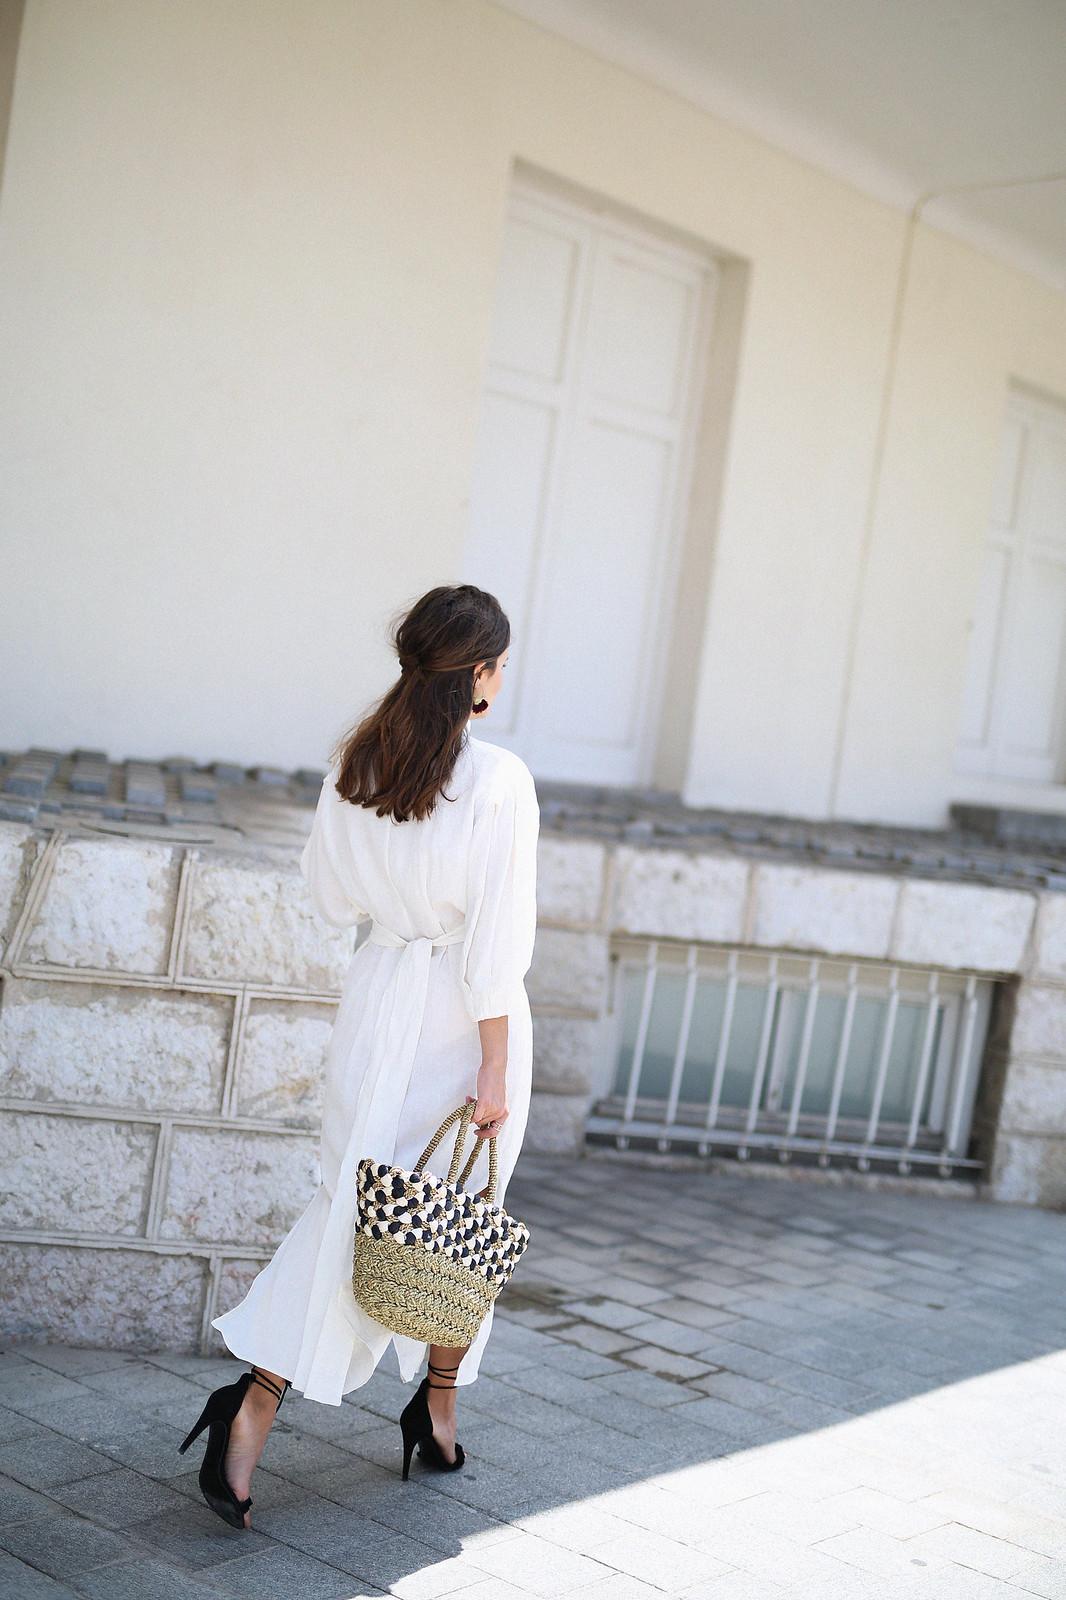 jessie chanes seams for a desire zara vestido lino capazo rafia-8